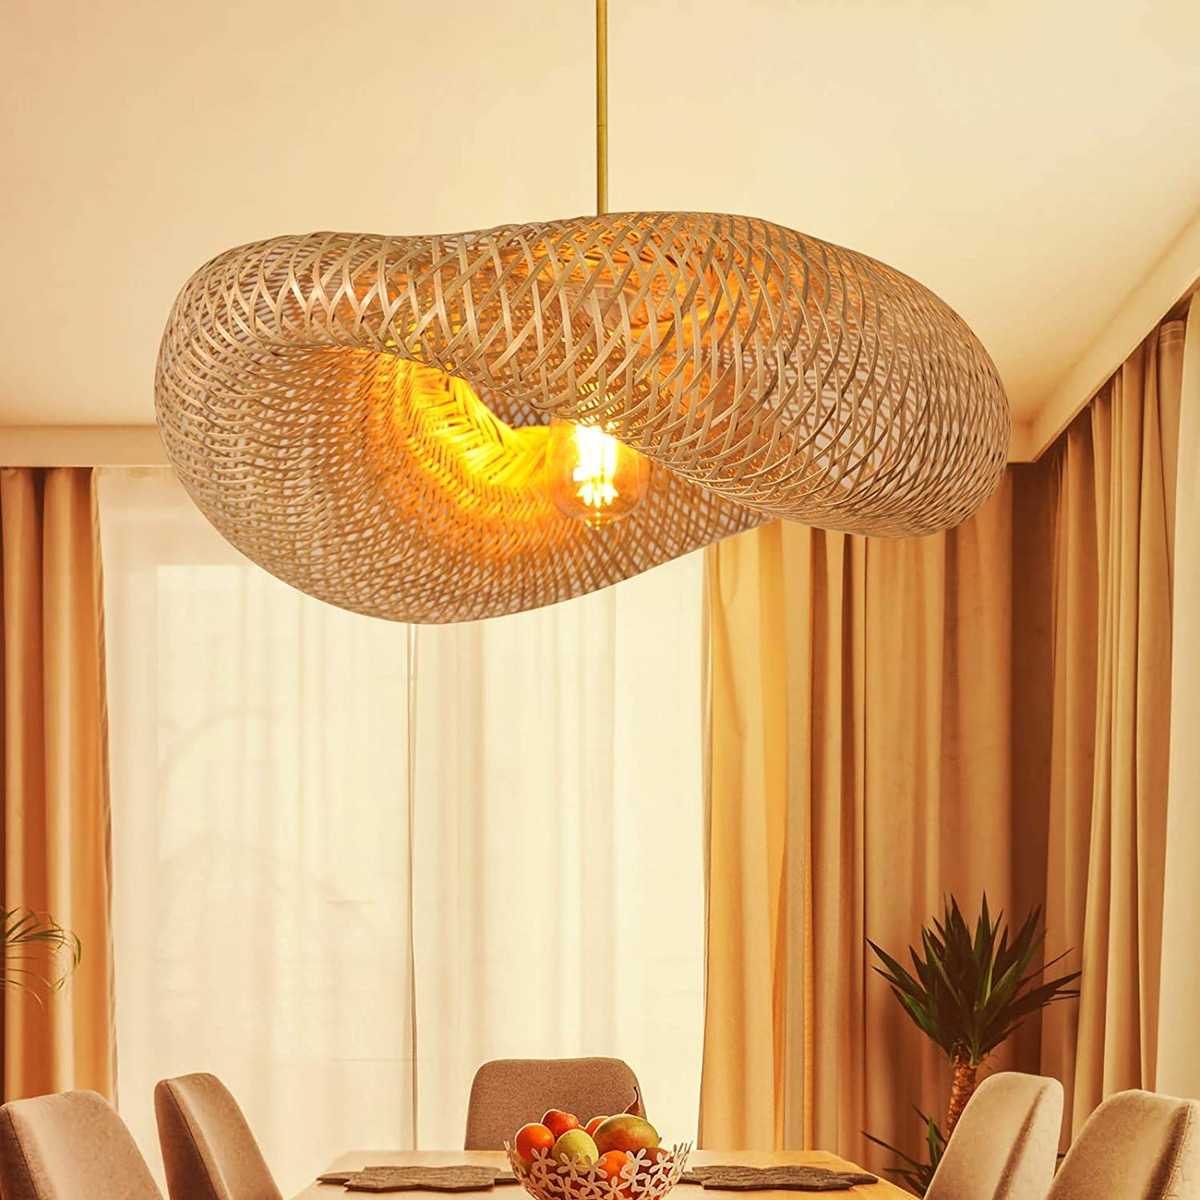 Sculptural-Woven-Bamboo-Pendant-Light